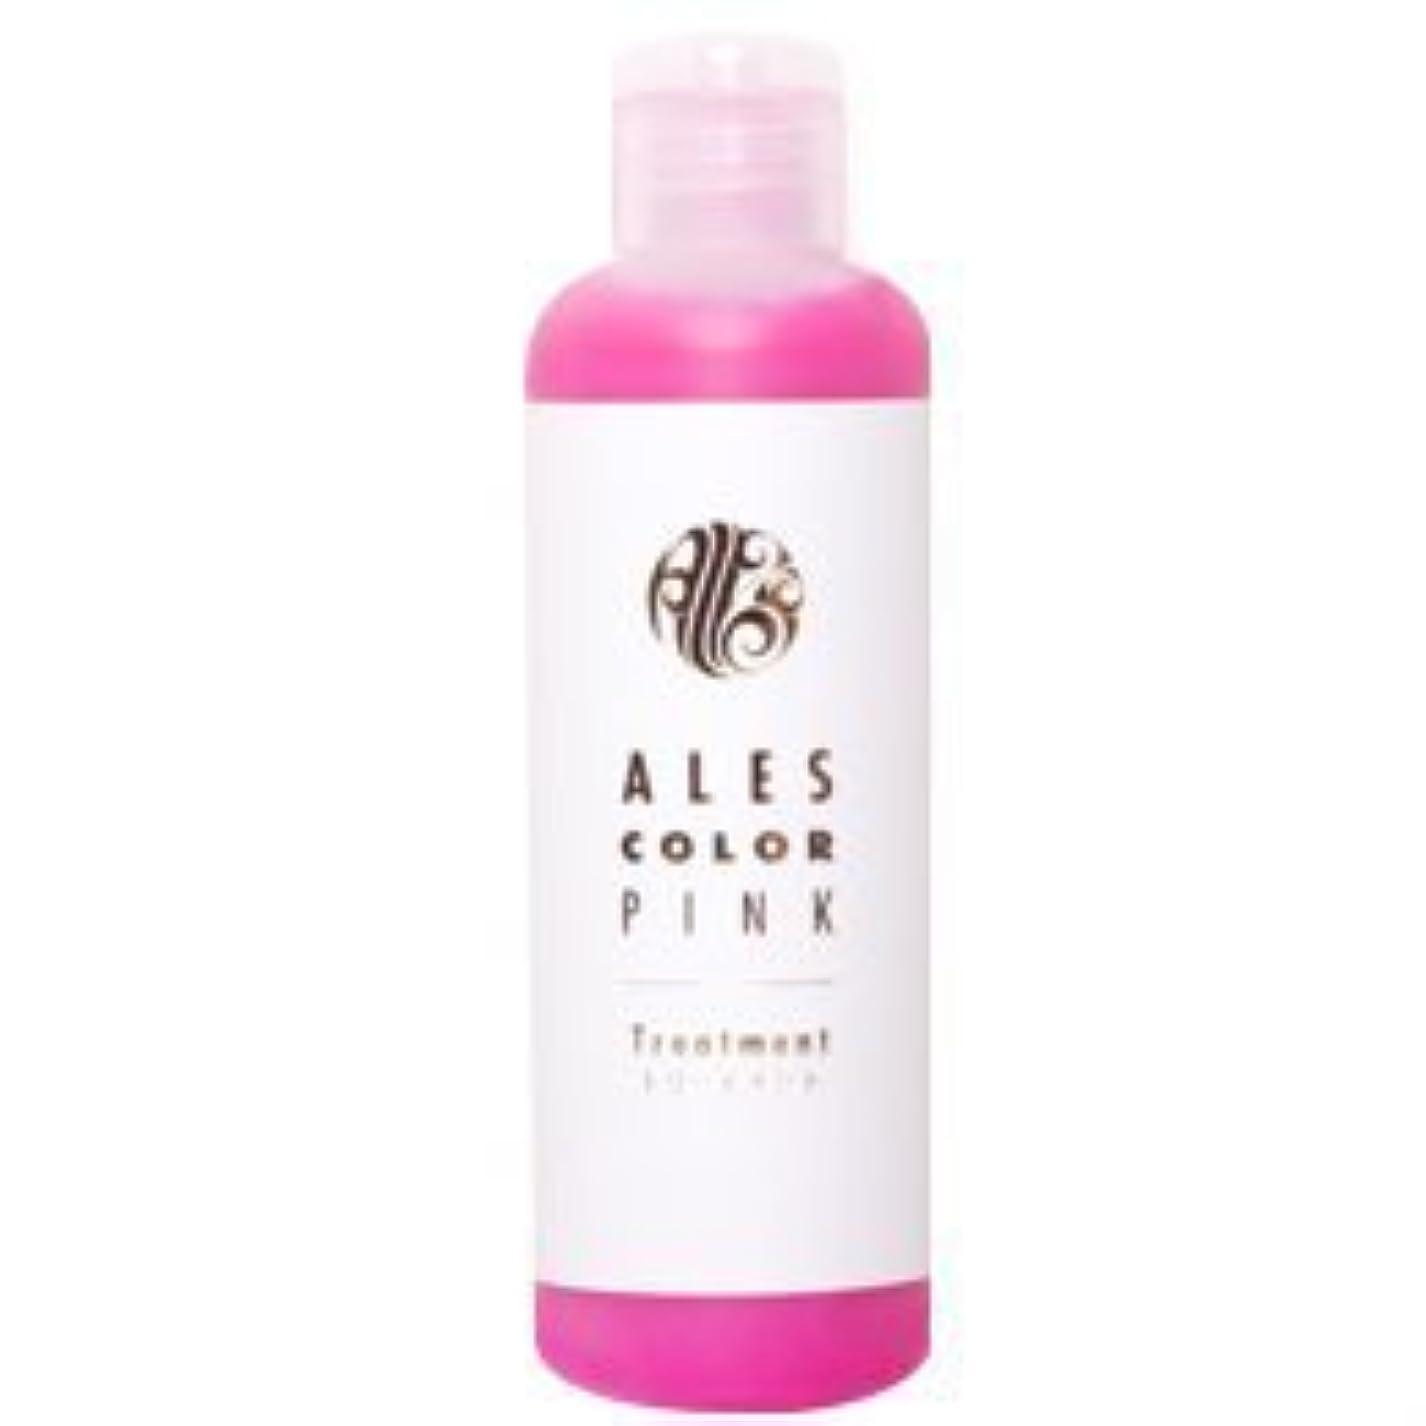 でも小包つらいアレス カラー ピンク トリートメント 200ml